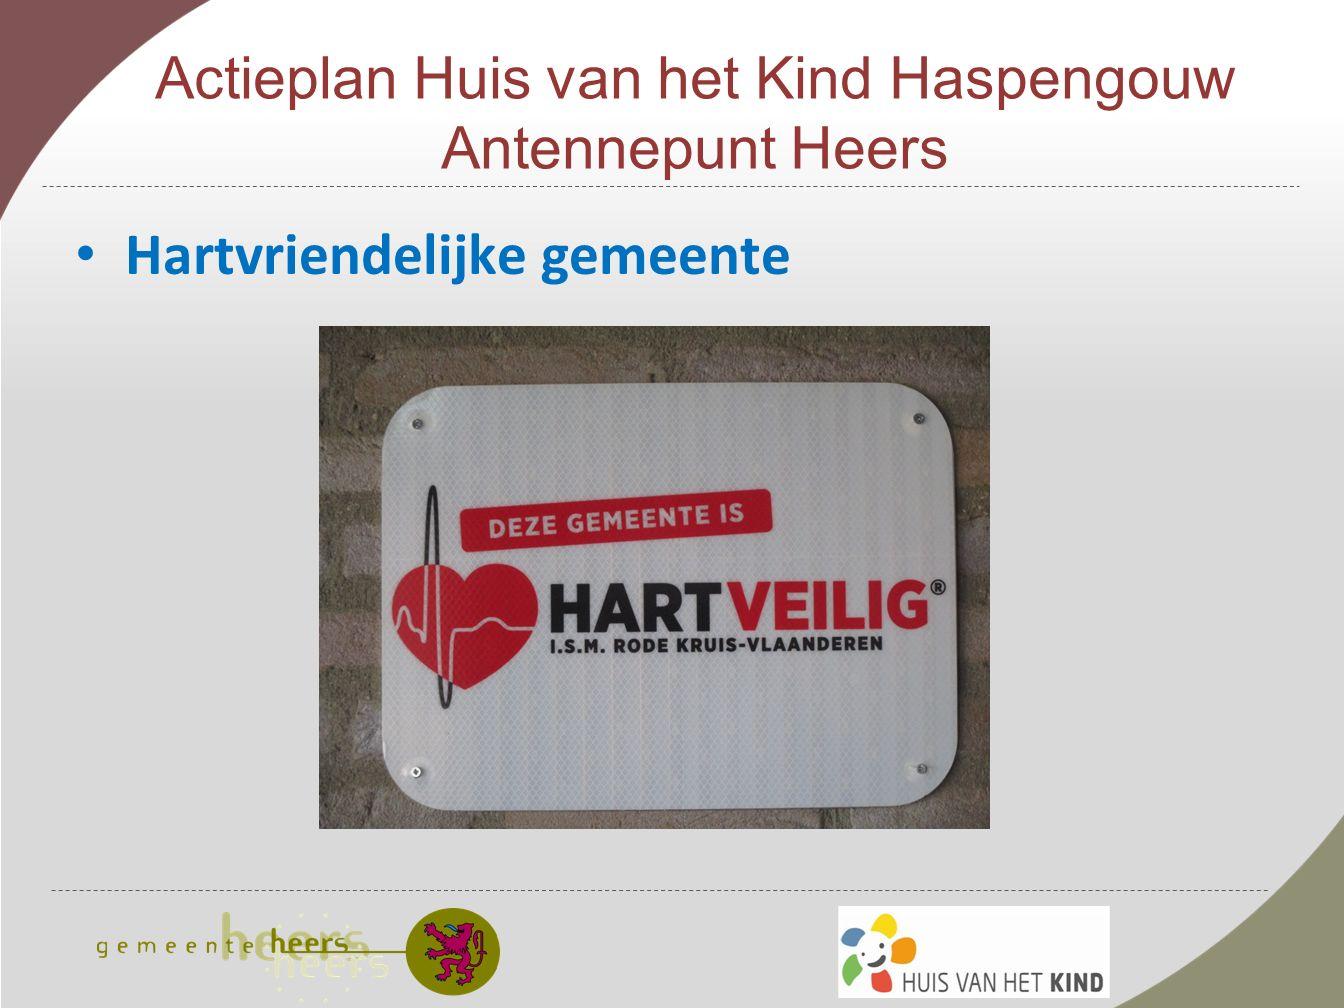 Actieplan Huis van het Kind Haspengouw Antennepunt Heers Hartvriendelijke gemeente